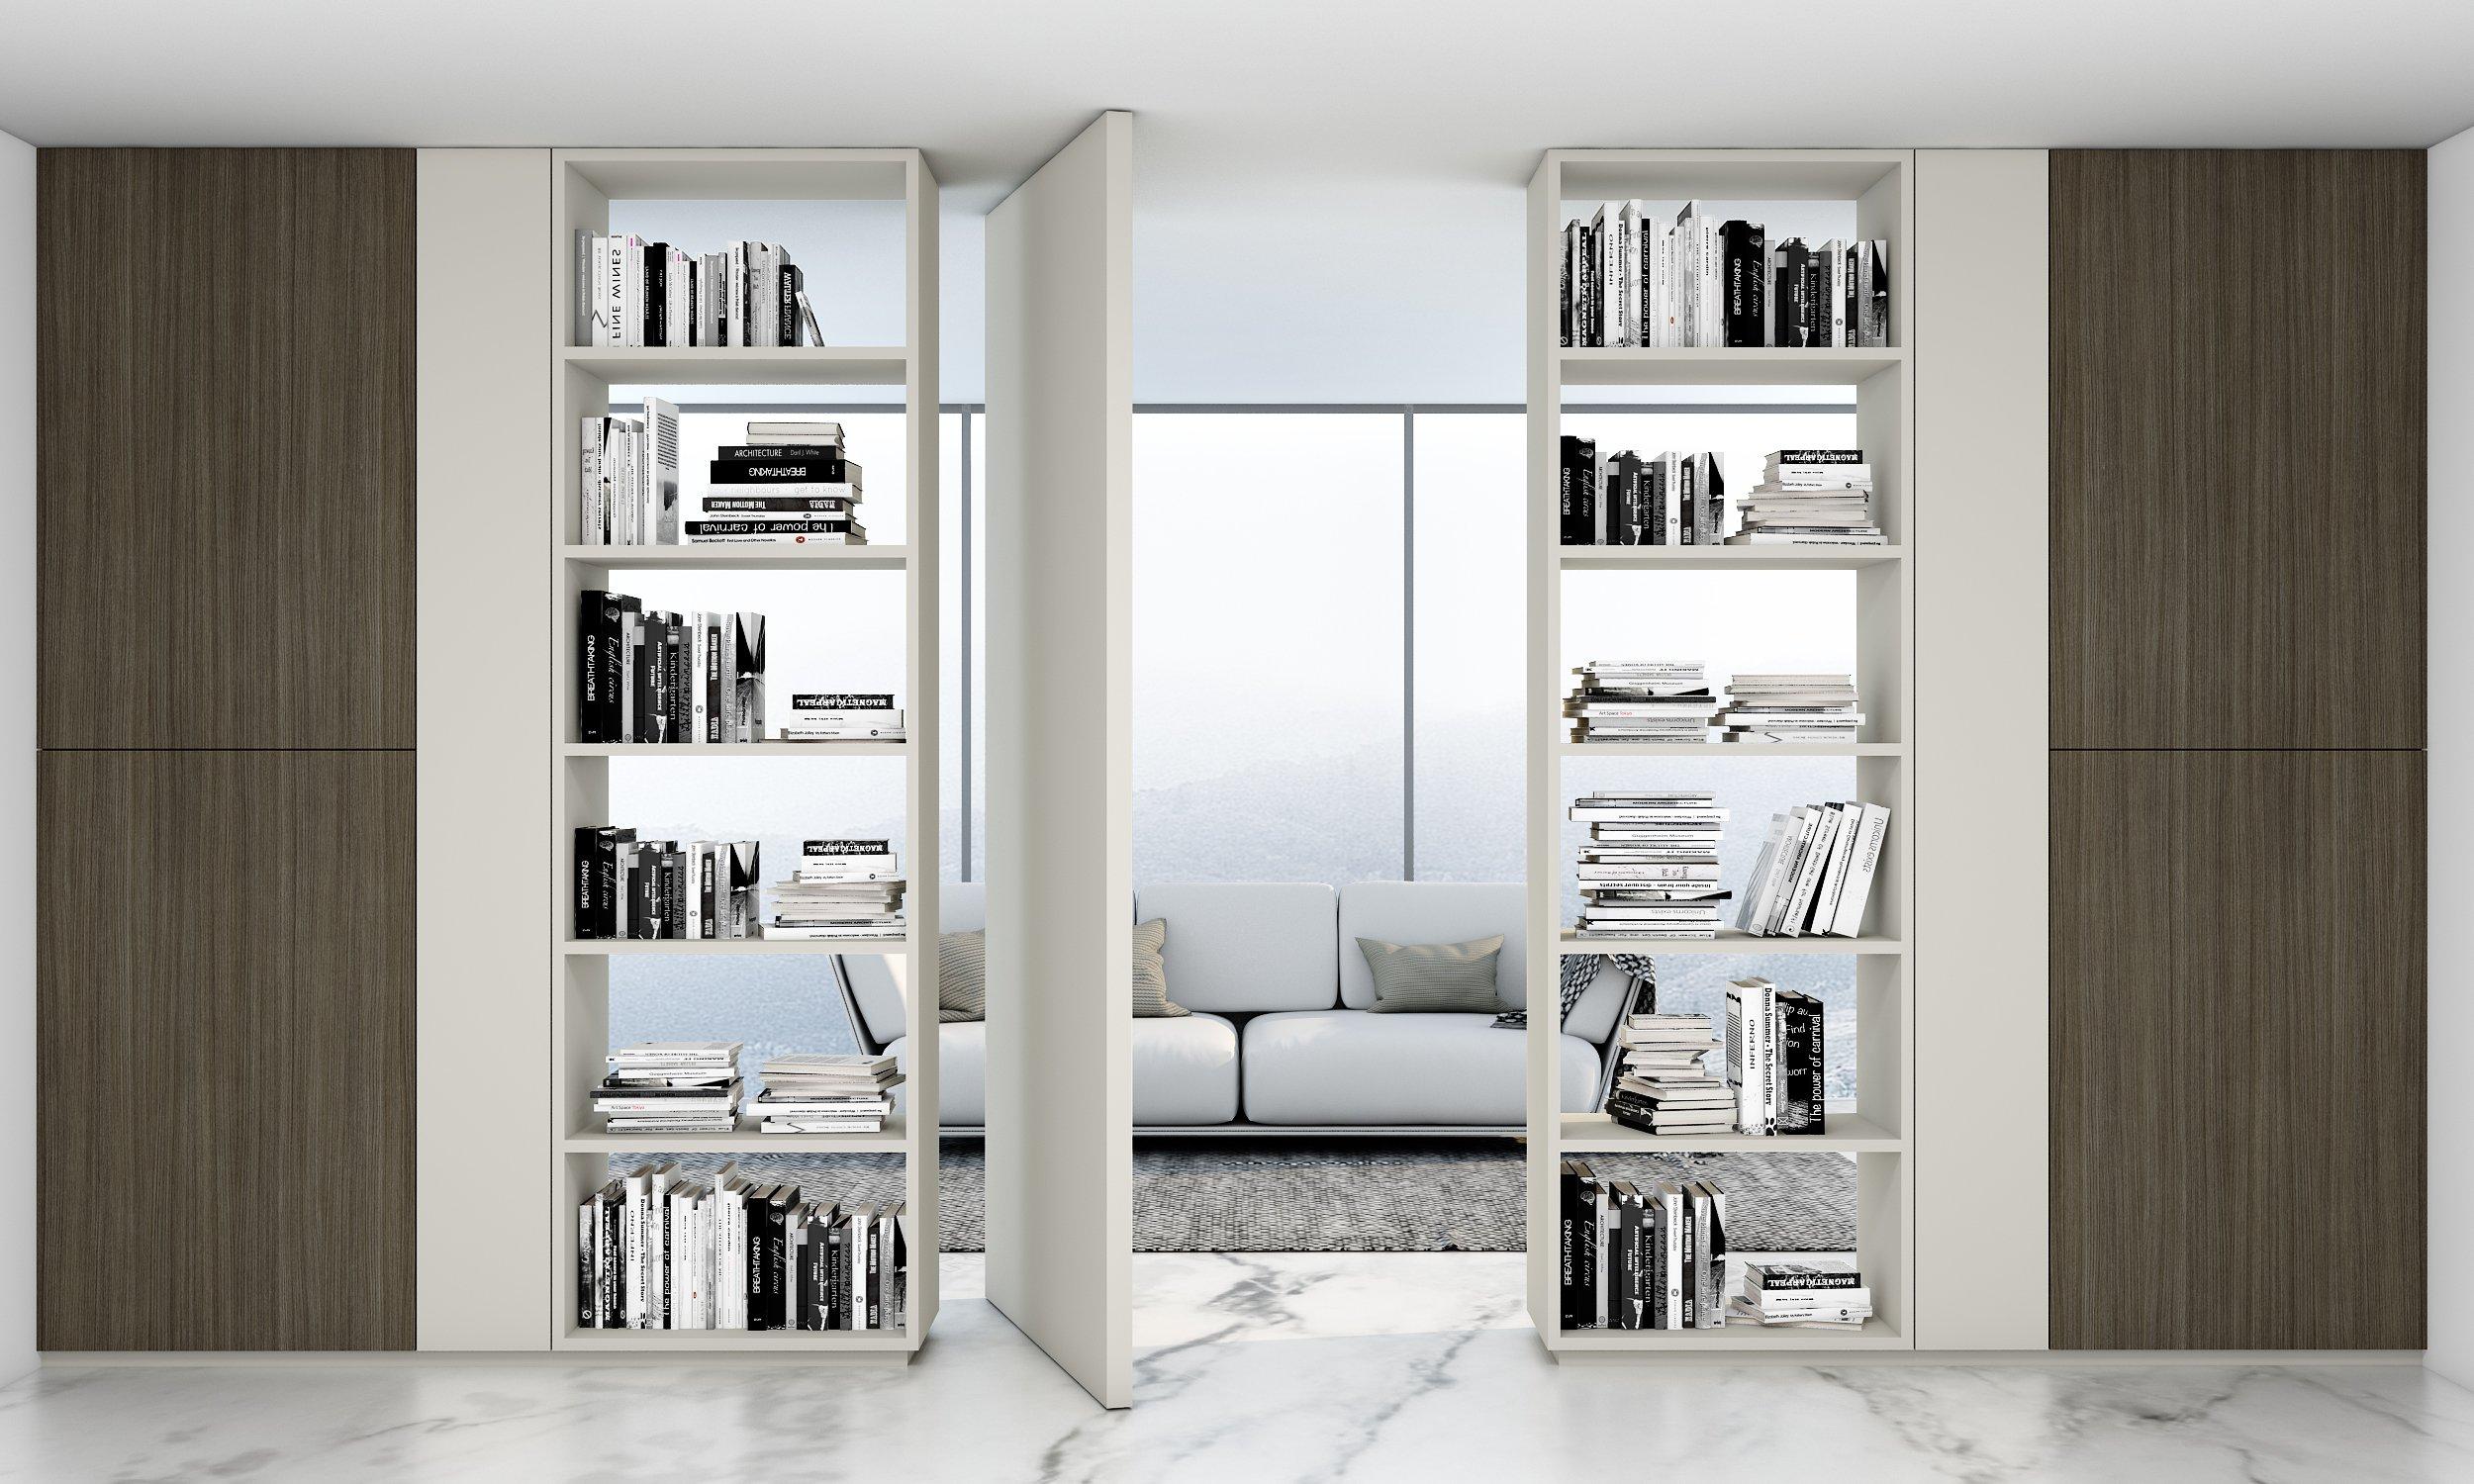 Library book storage bespoke shelving in matt white finish